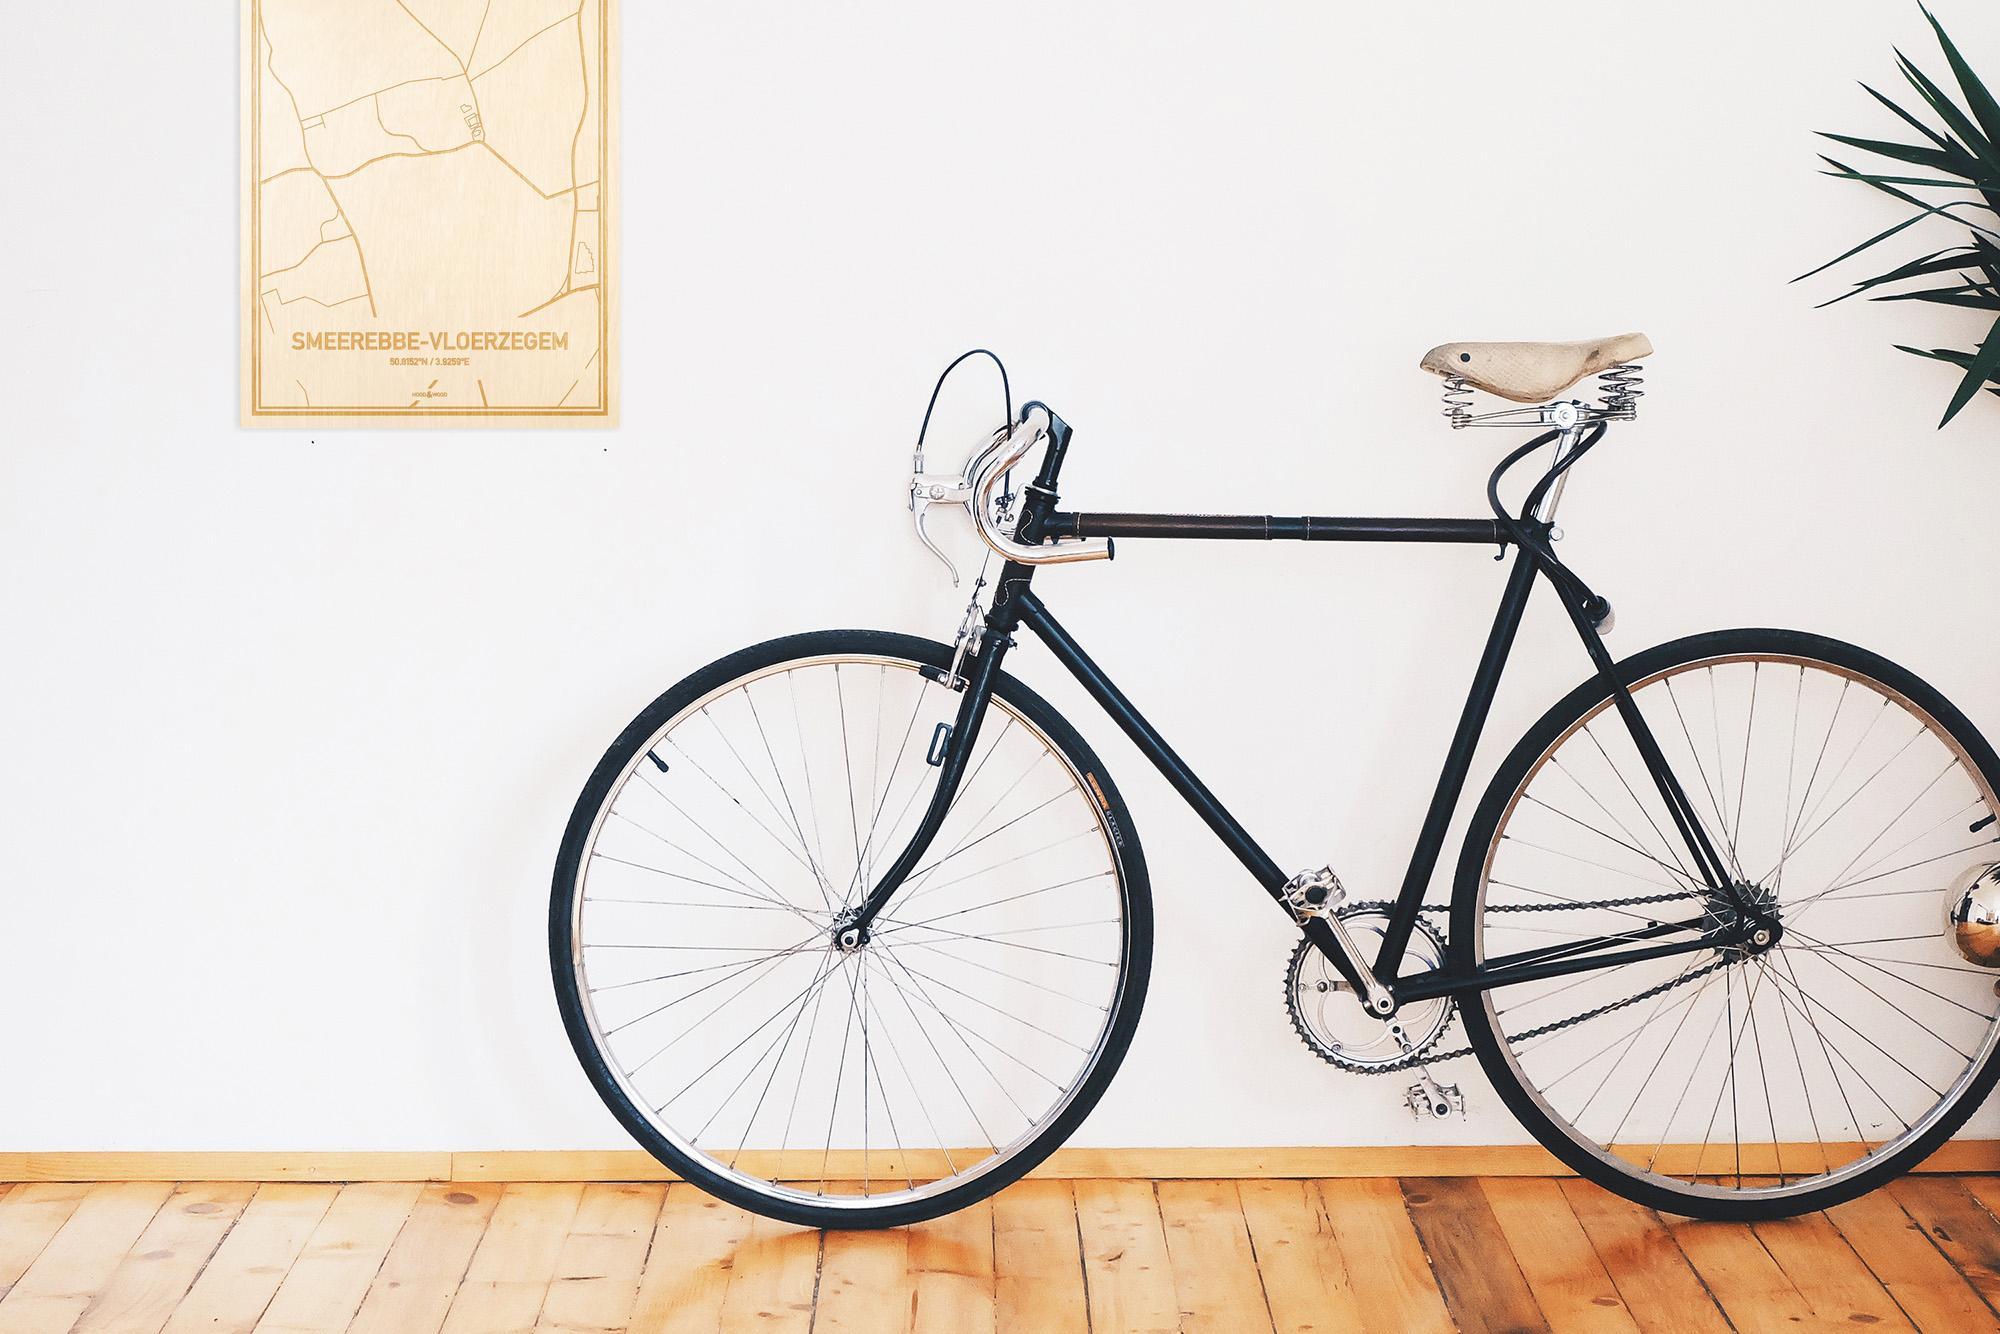 Een snelle fiets in een uniek interieur in Oost-Vlaanderen  met mooie decoratie zoals de plattegrond Smeerebbe-Vloerzegem.